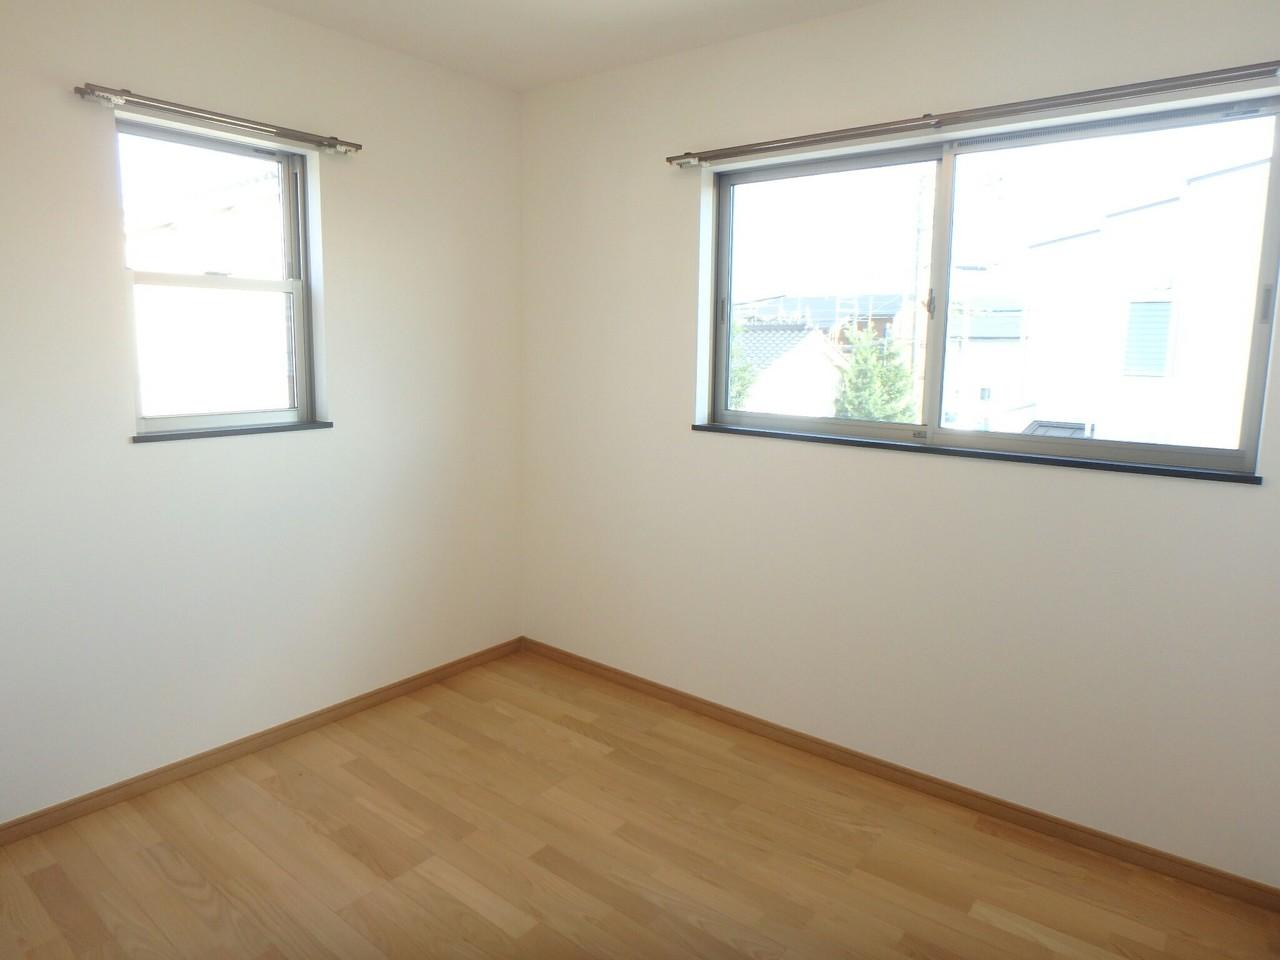 2面採光で明るいです。 2階洋室には各部屋に収納がついています。